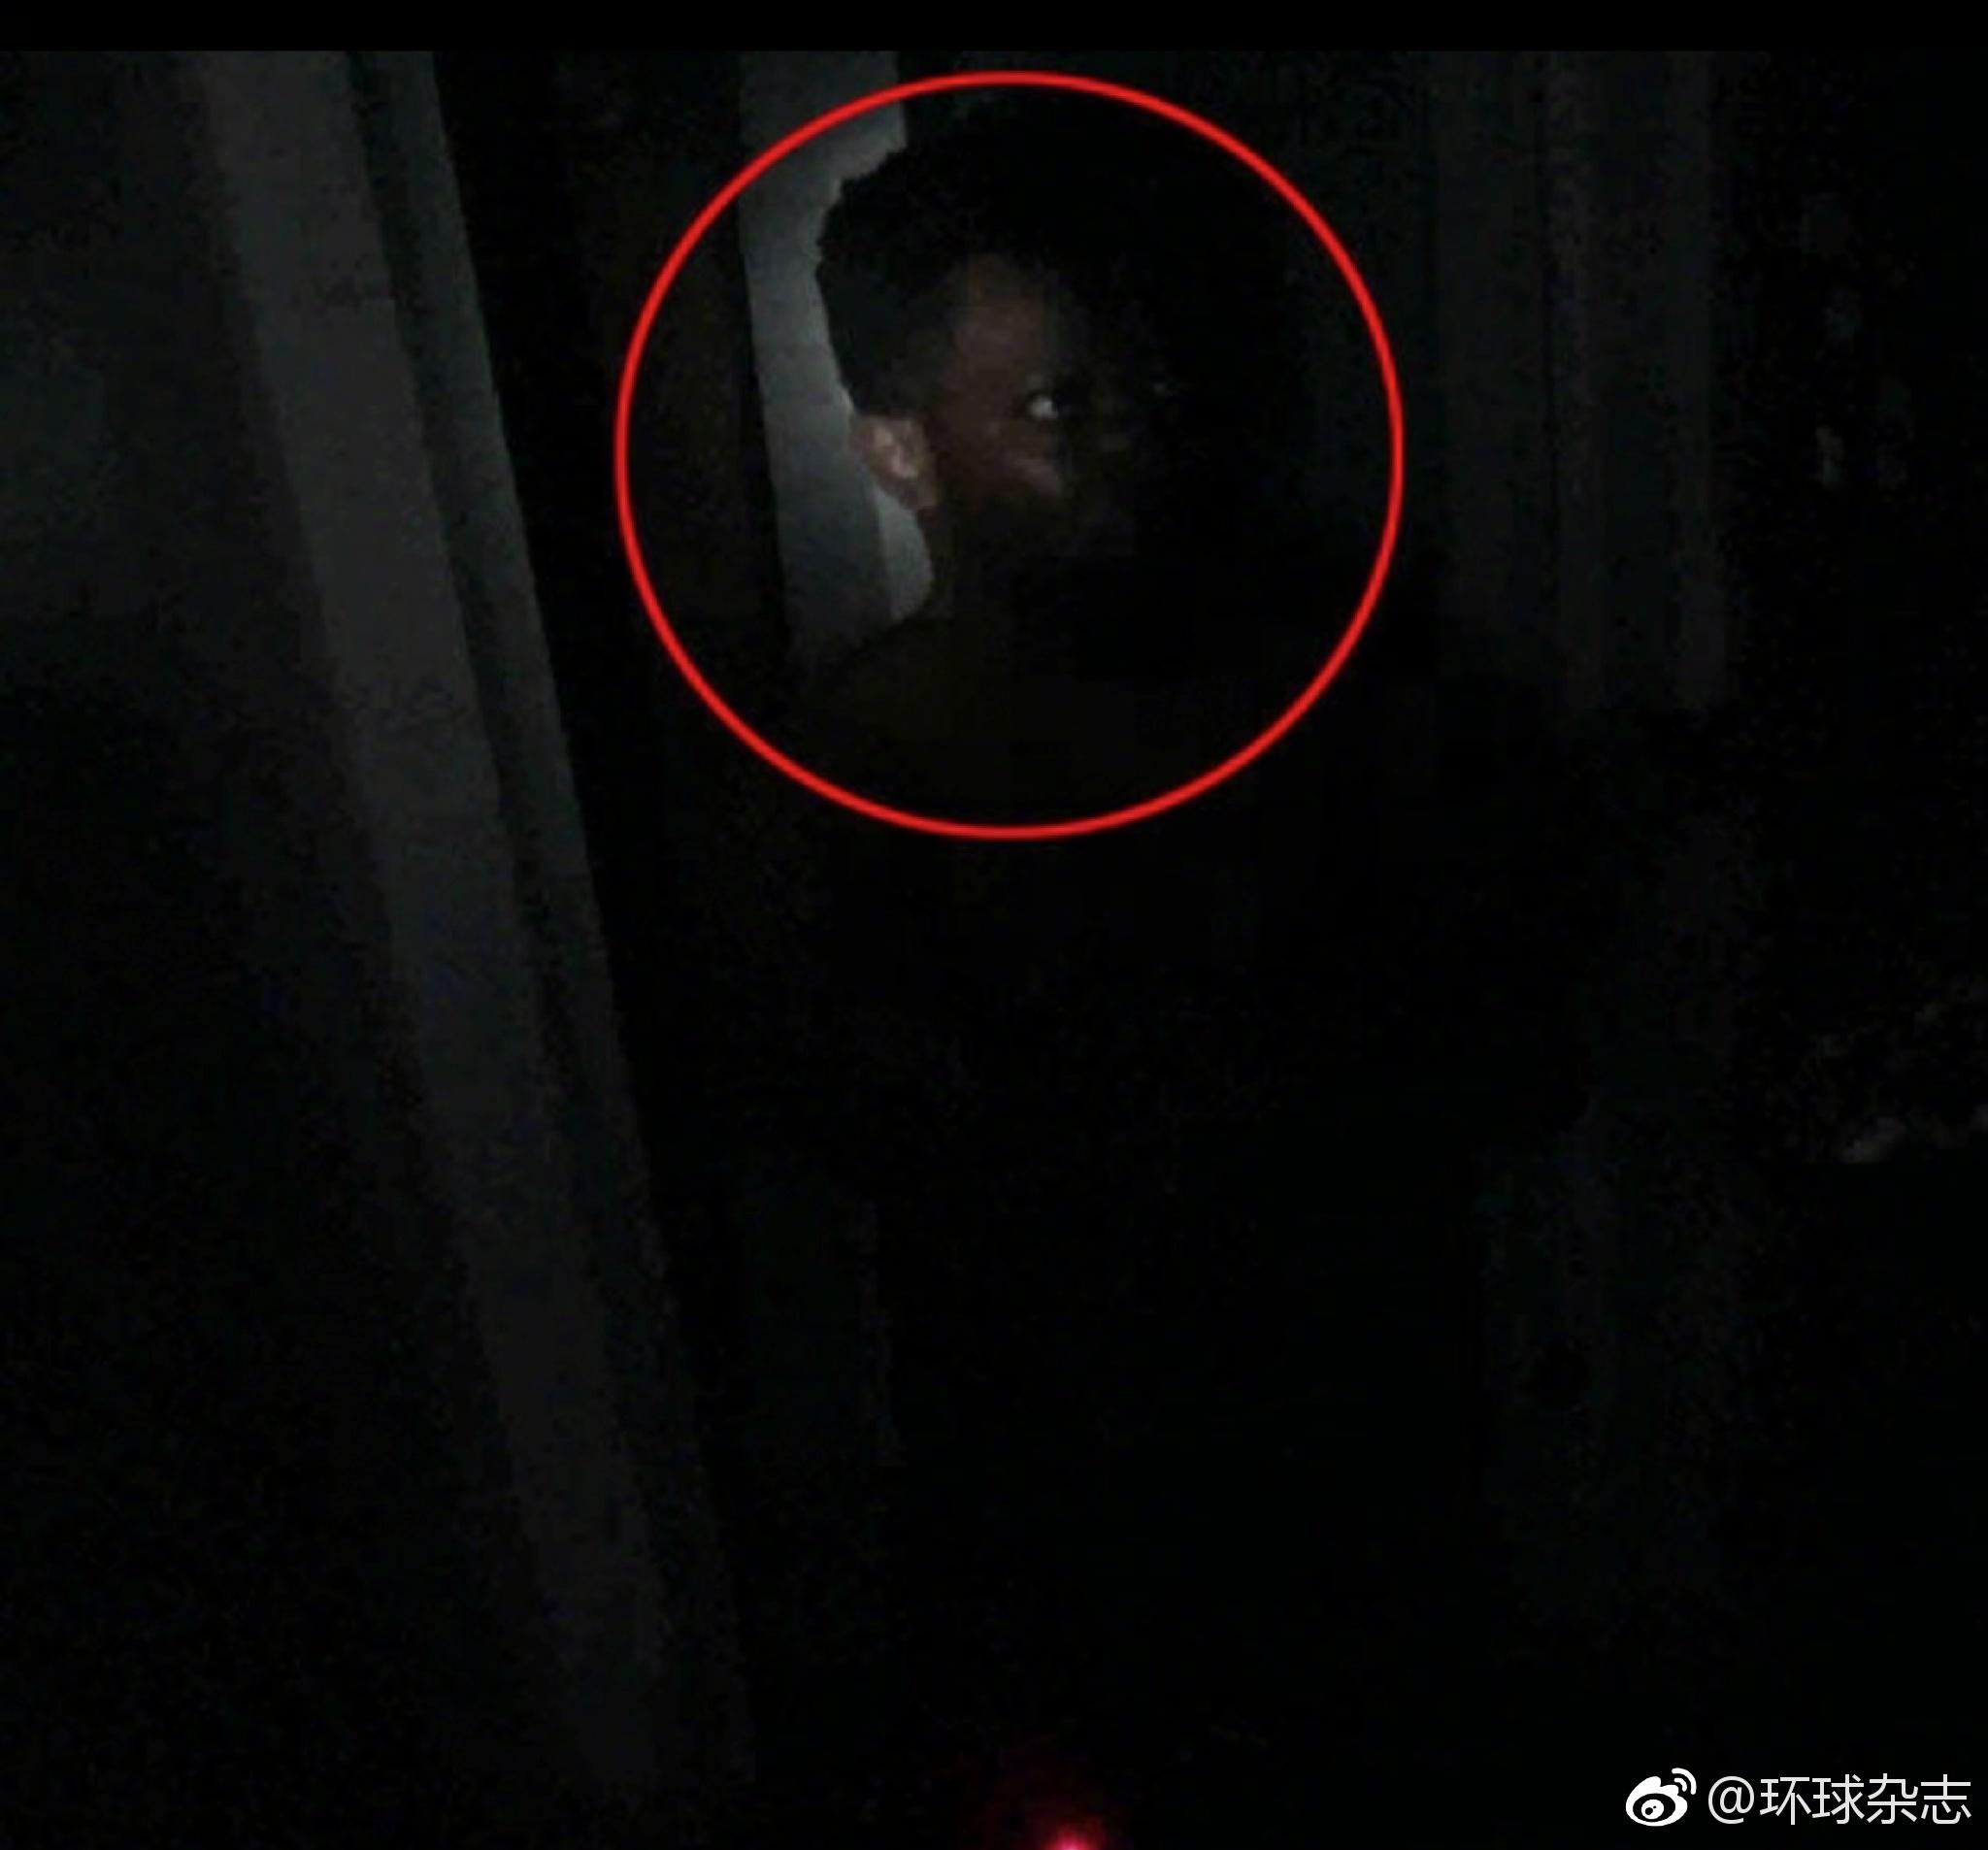 黑人毒贩躲暗处藏窗帘后 以为不会被警察发现